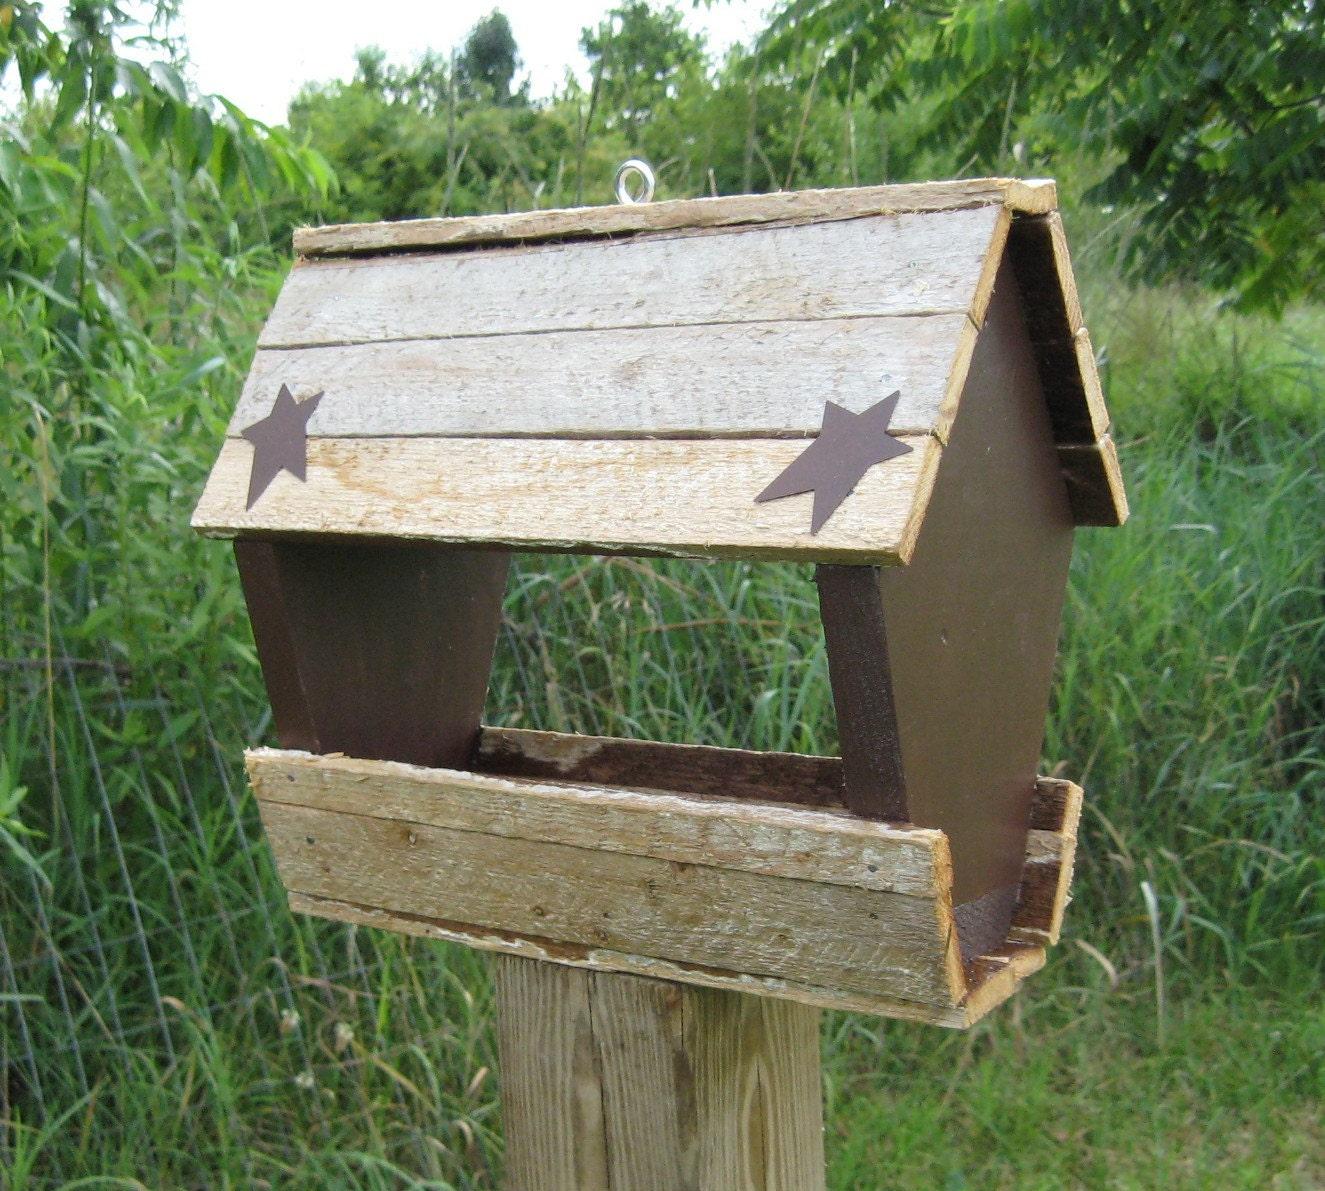 How to build a gazebo bird feeder gazebo - Bird feeder garden designs ...